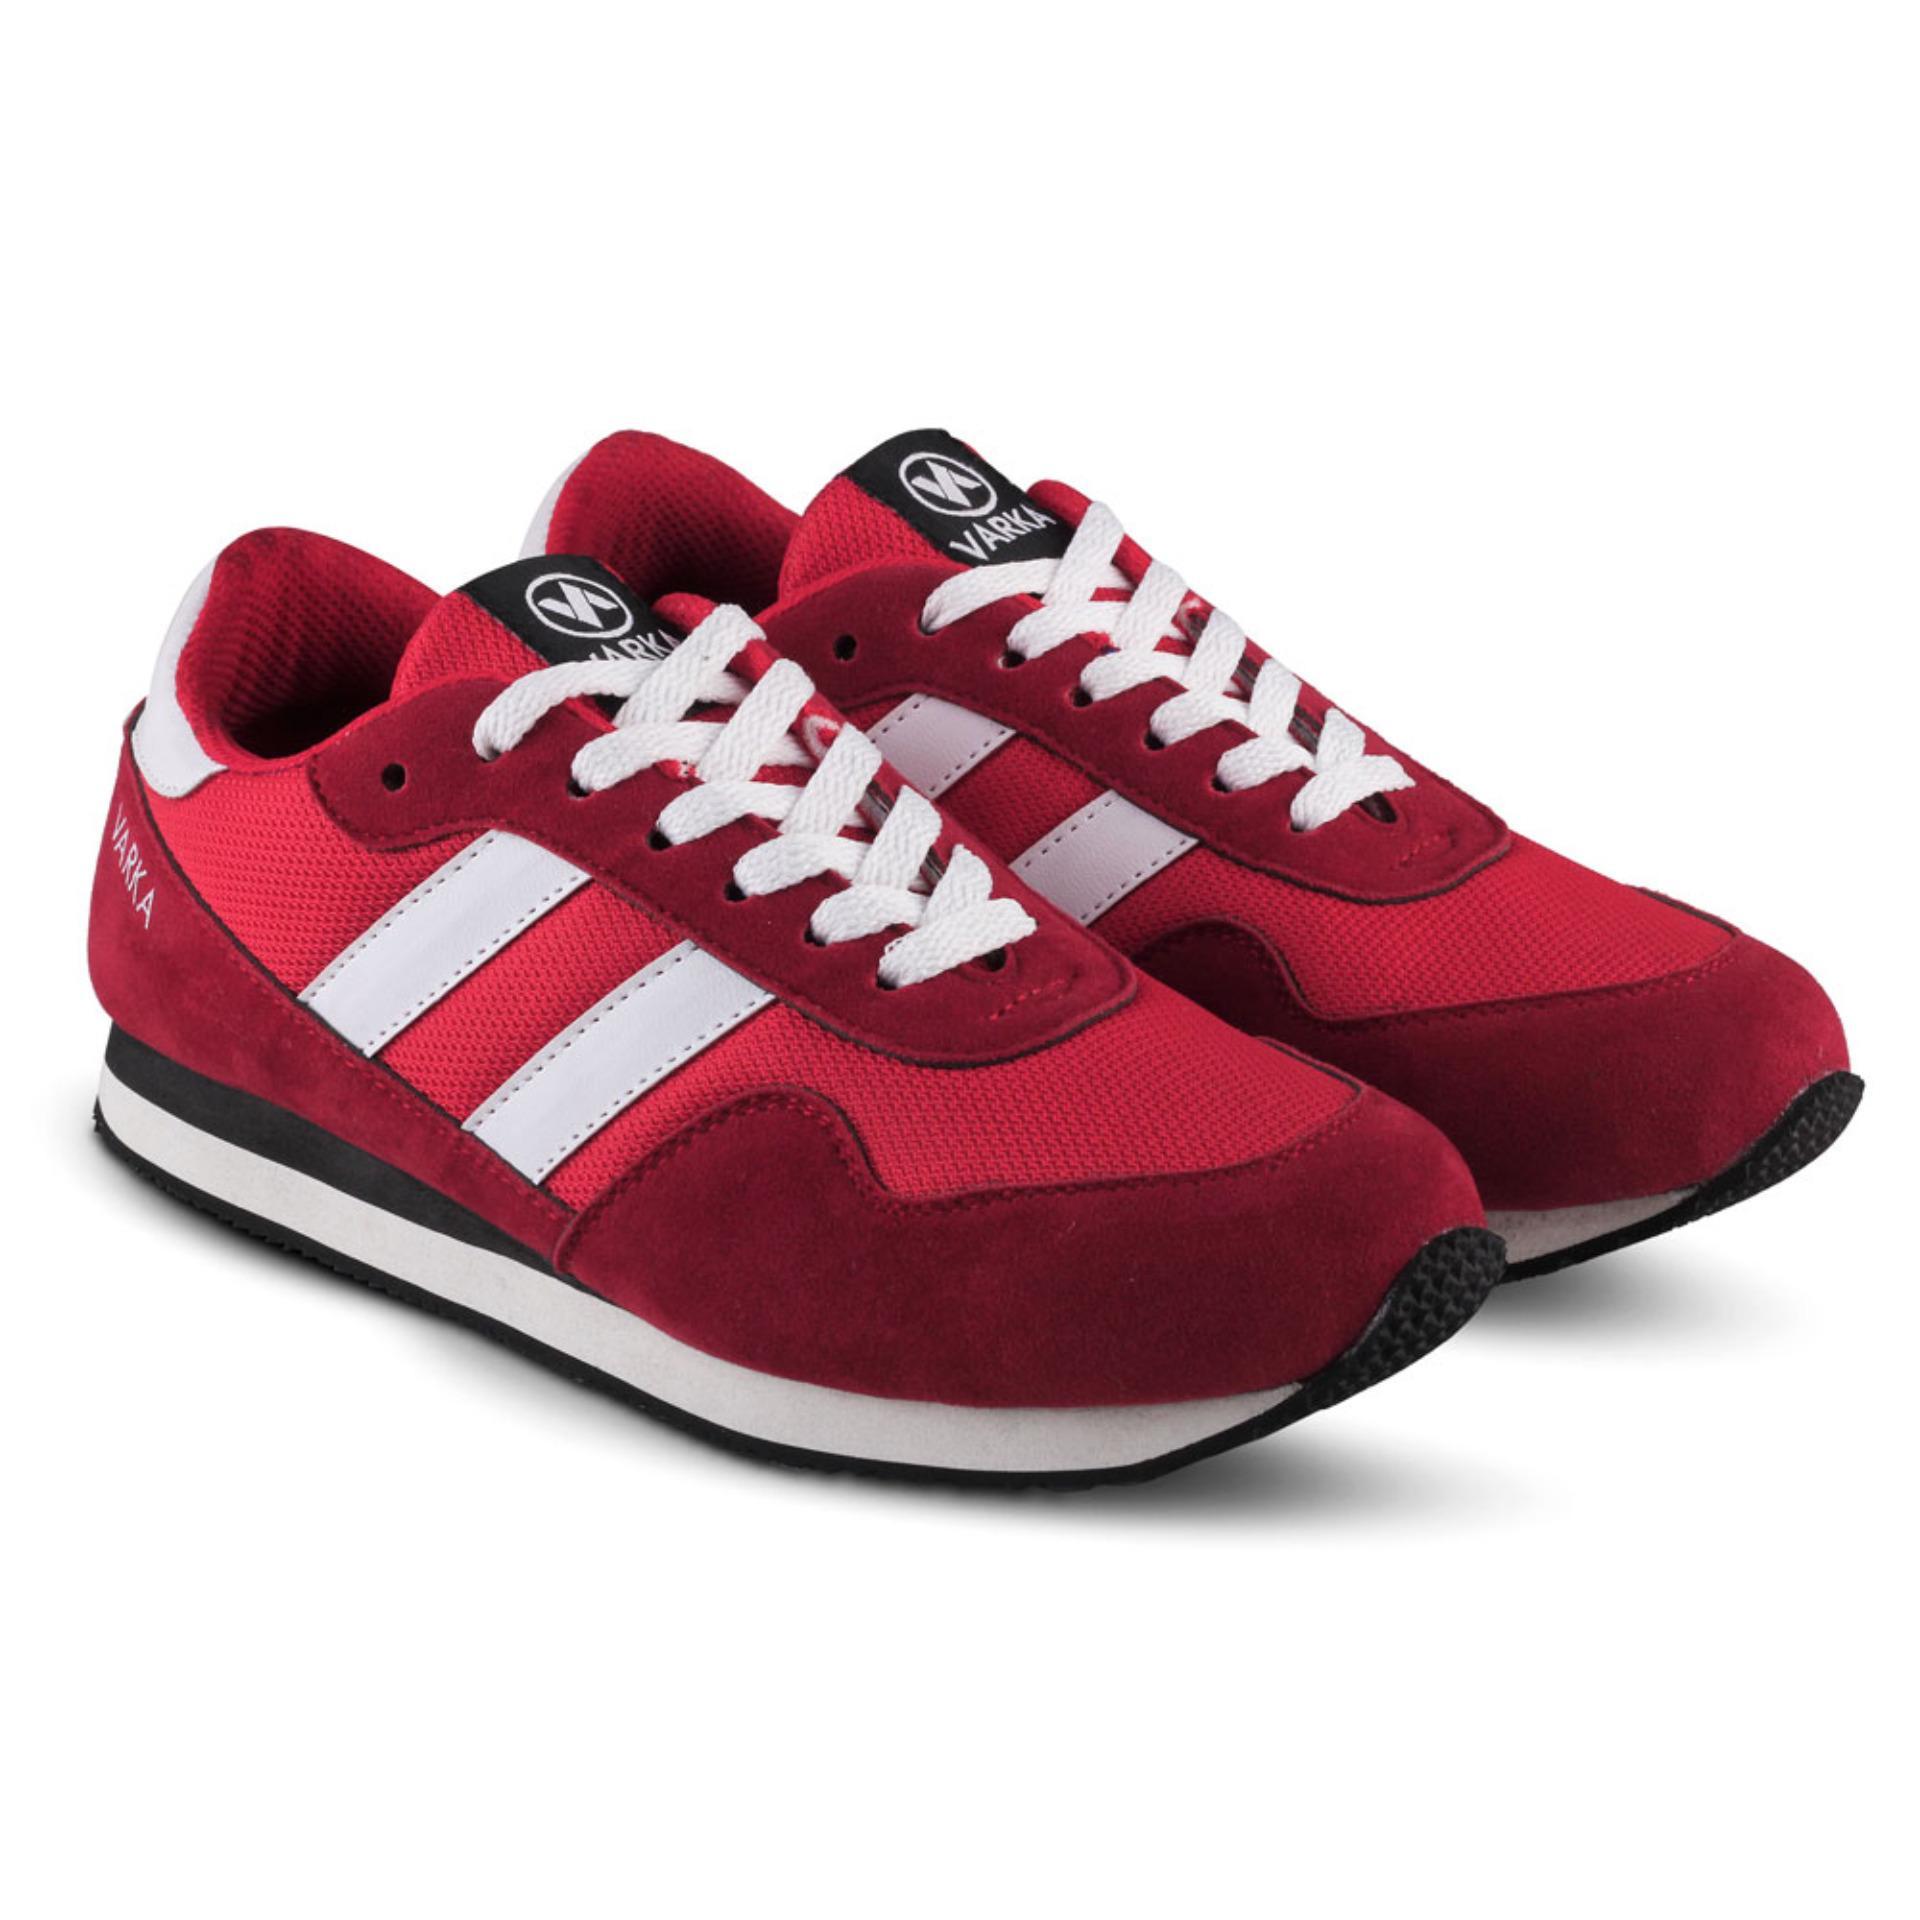 Distro Bandung VR 352 Sepatu Sneaker Olahraga Lari dan Joging Pria - Merah